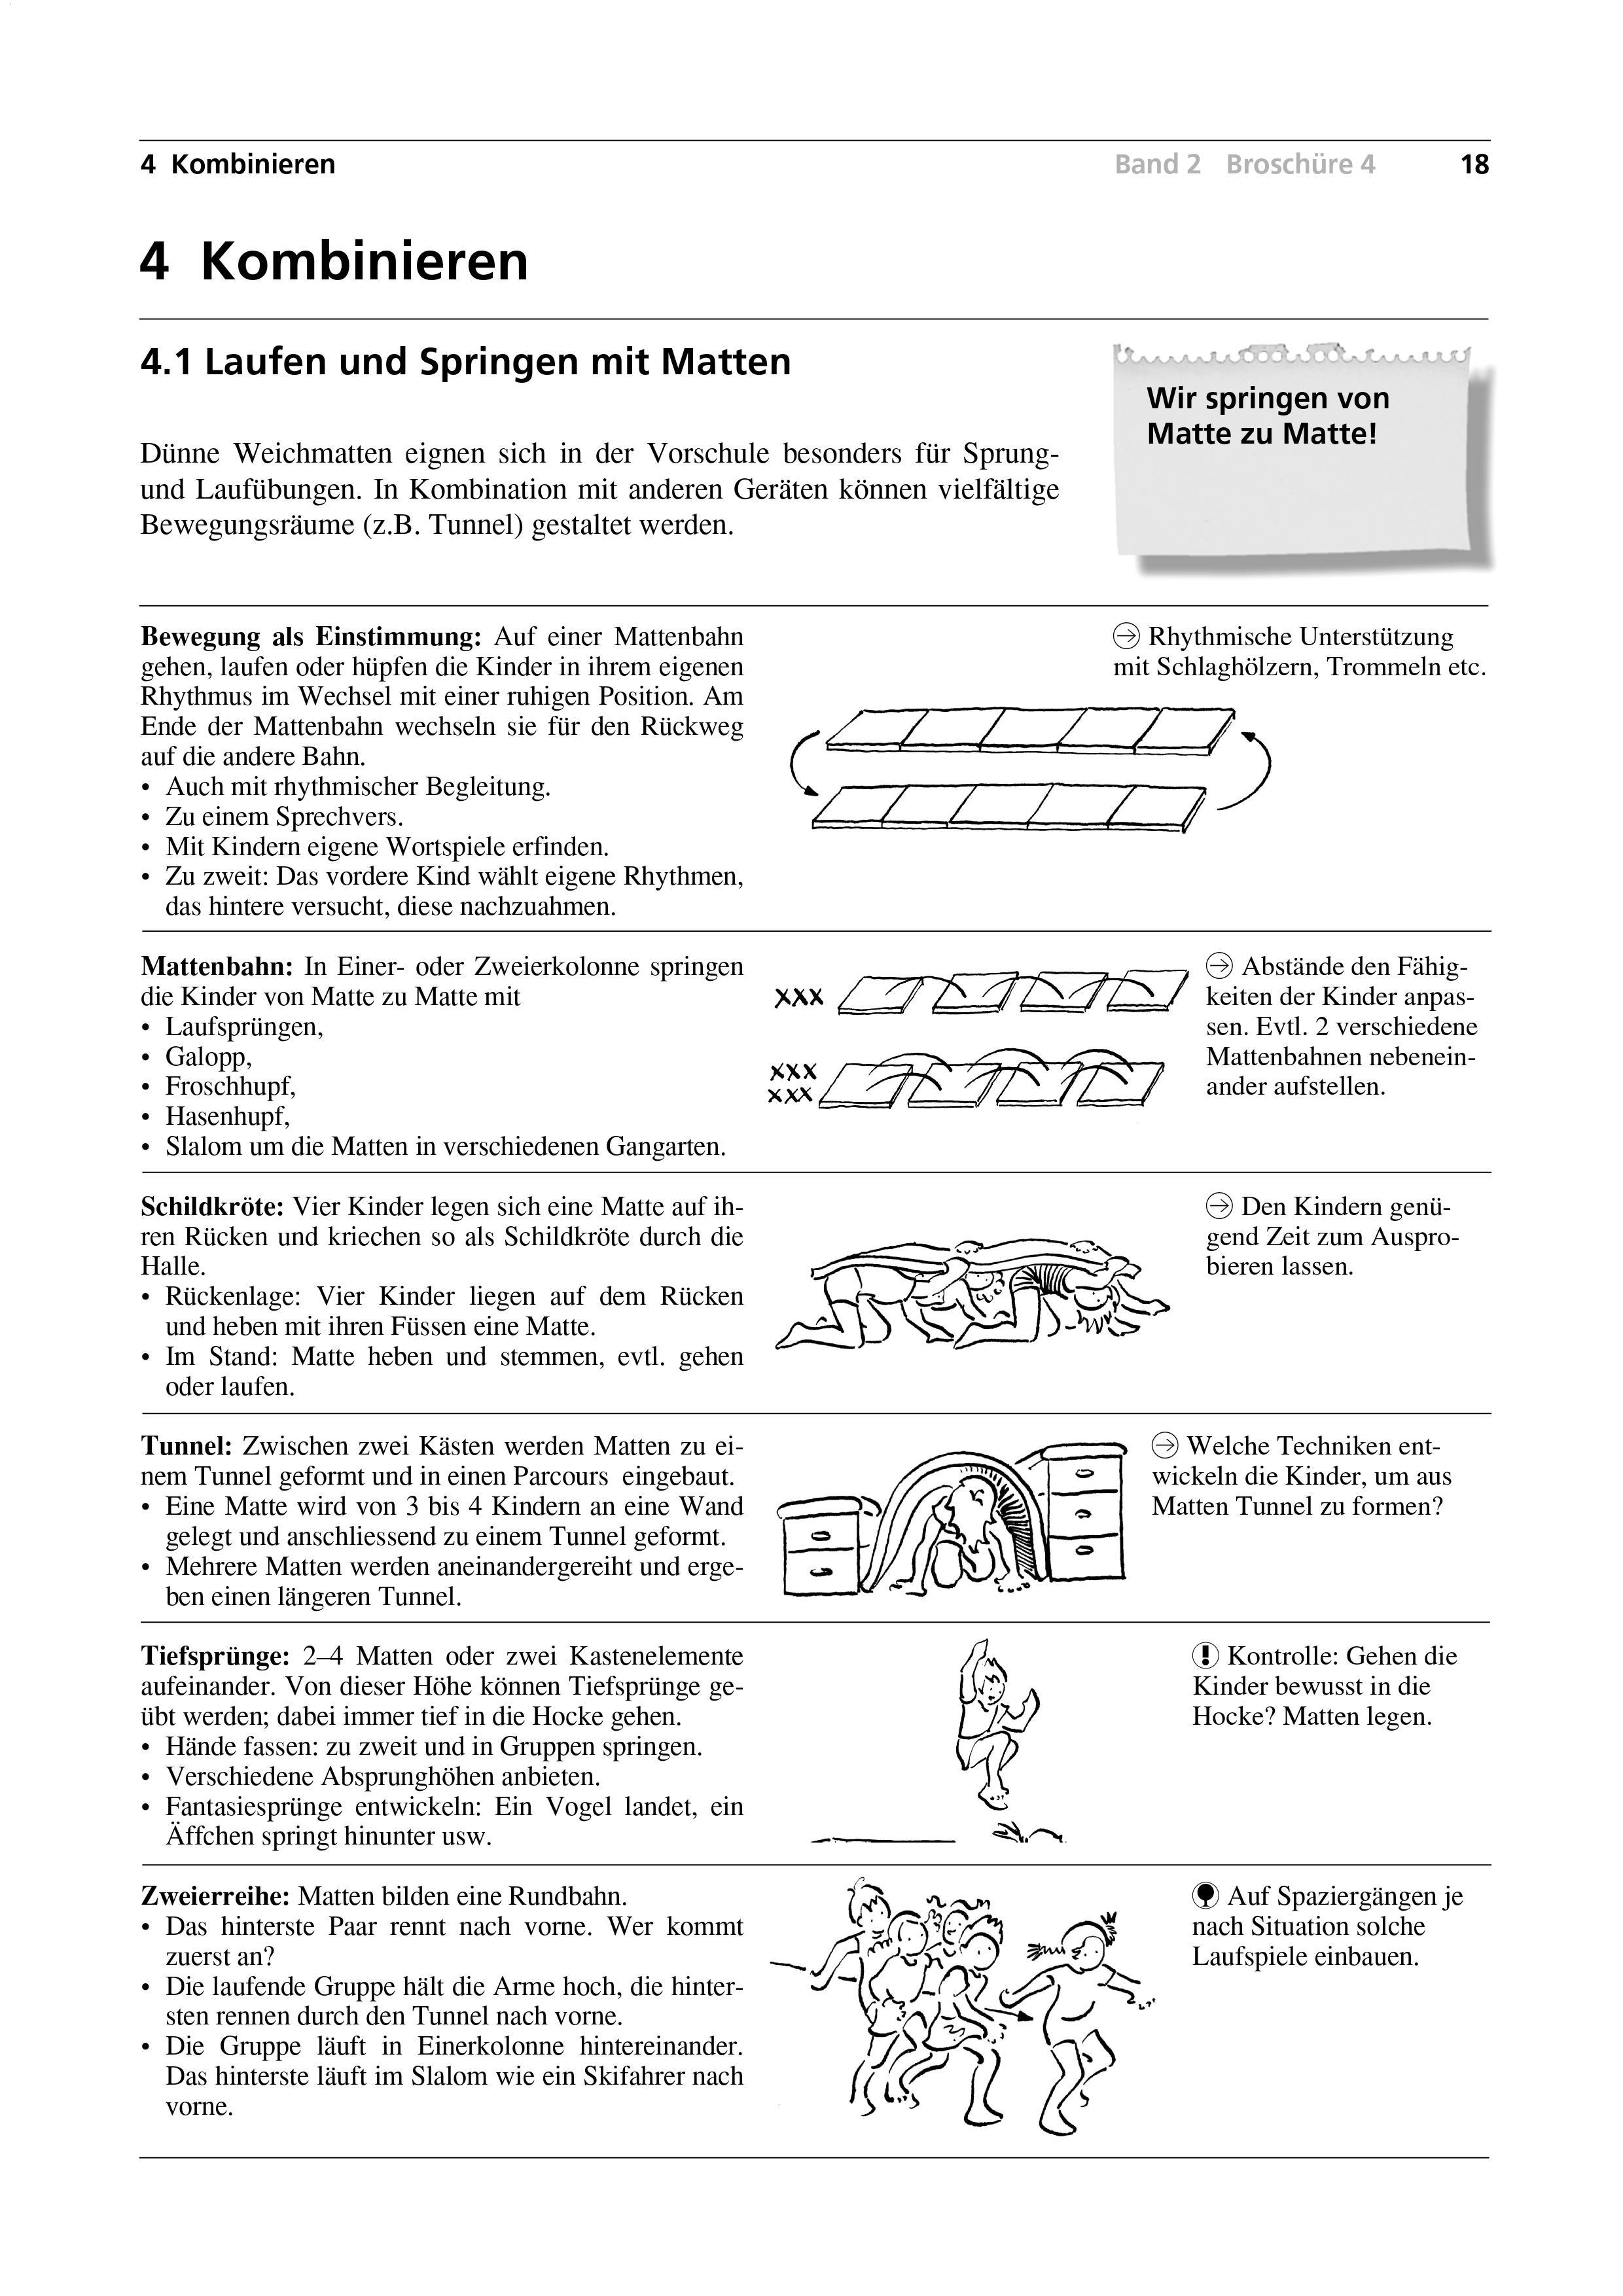 Preview image for LOM object Laufen und Springen mit Matten